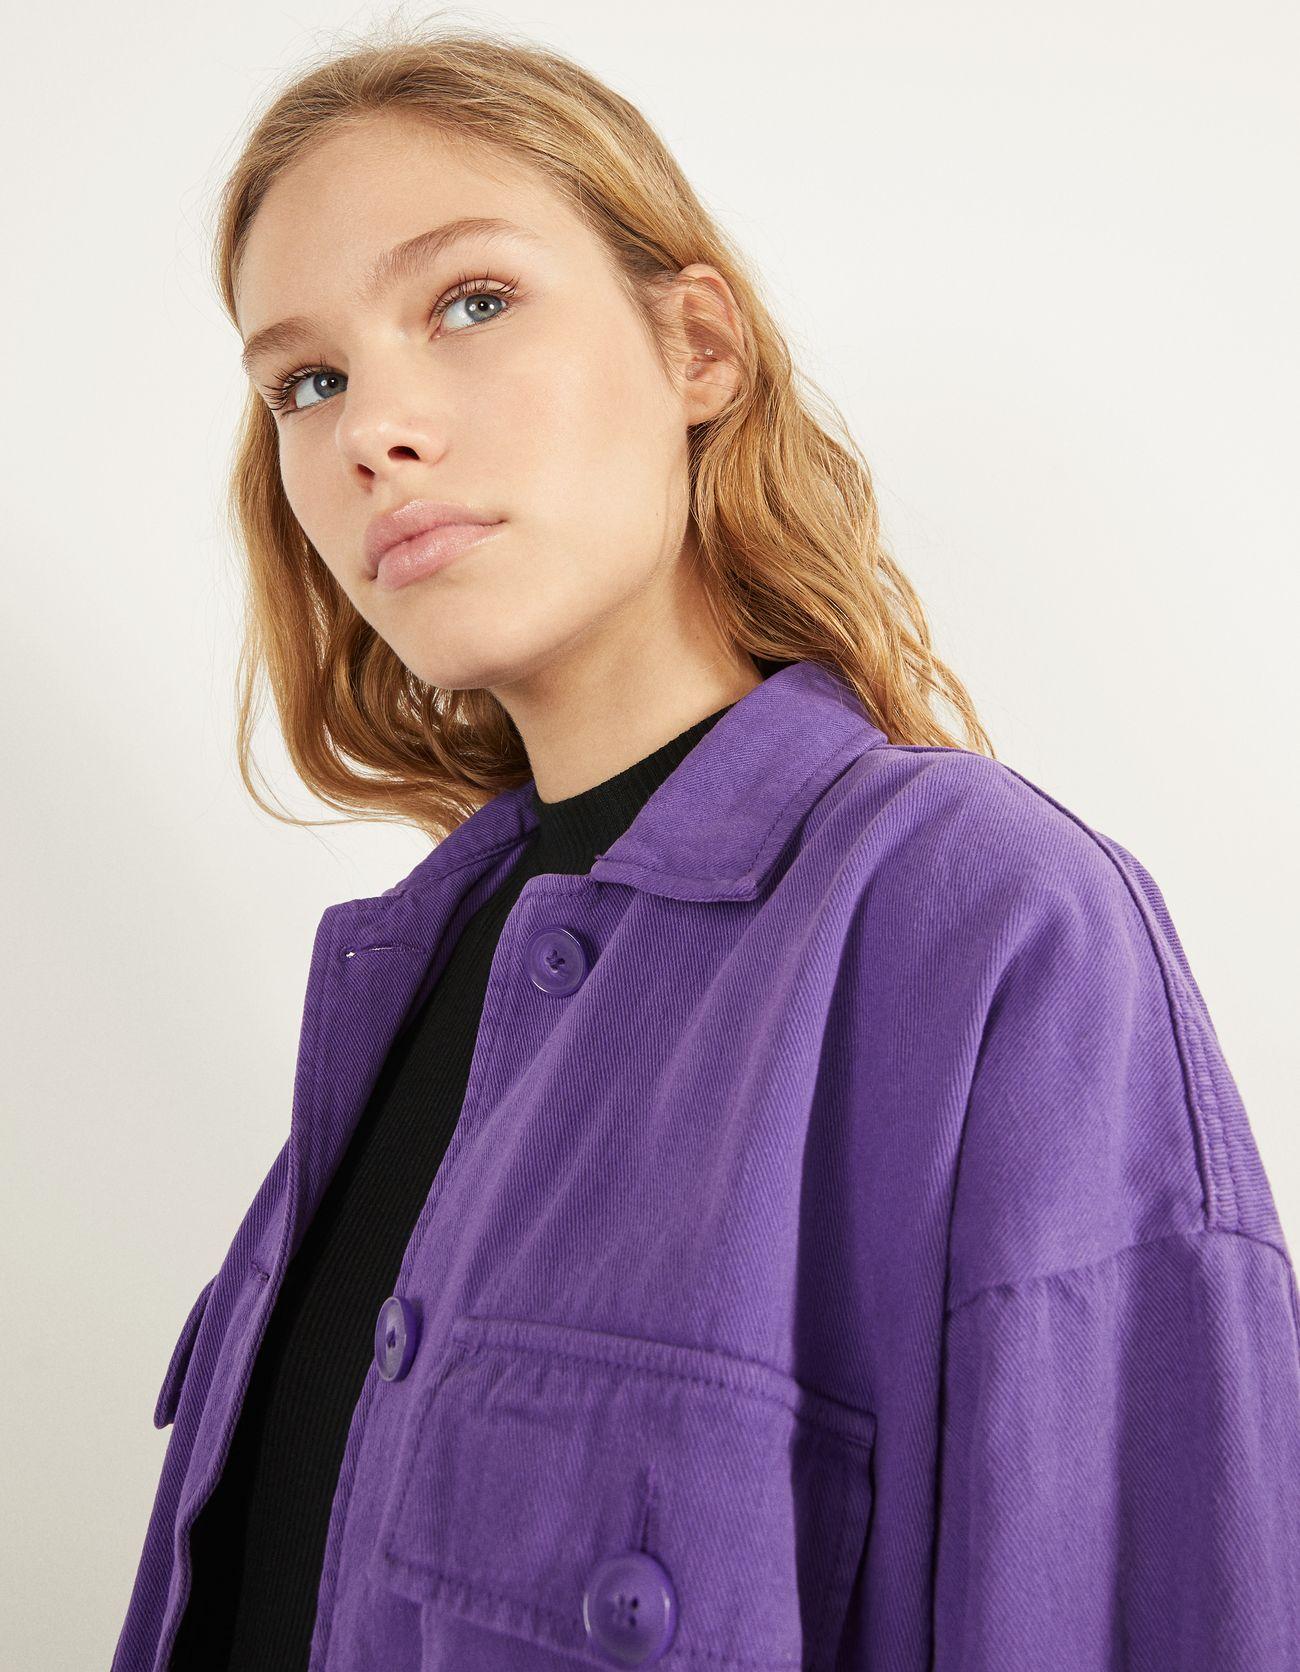 Джинсовая куртка с пуговицами Фиолетовый Bershka